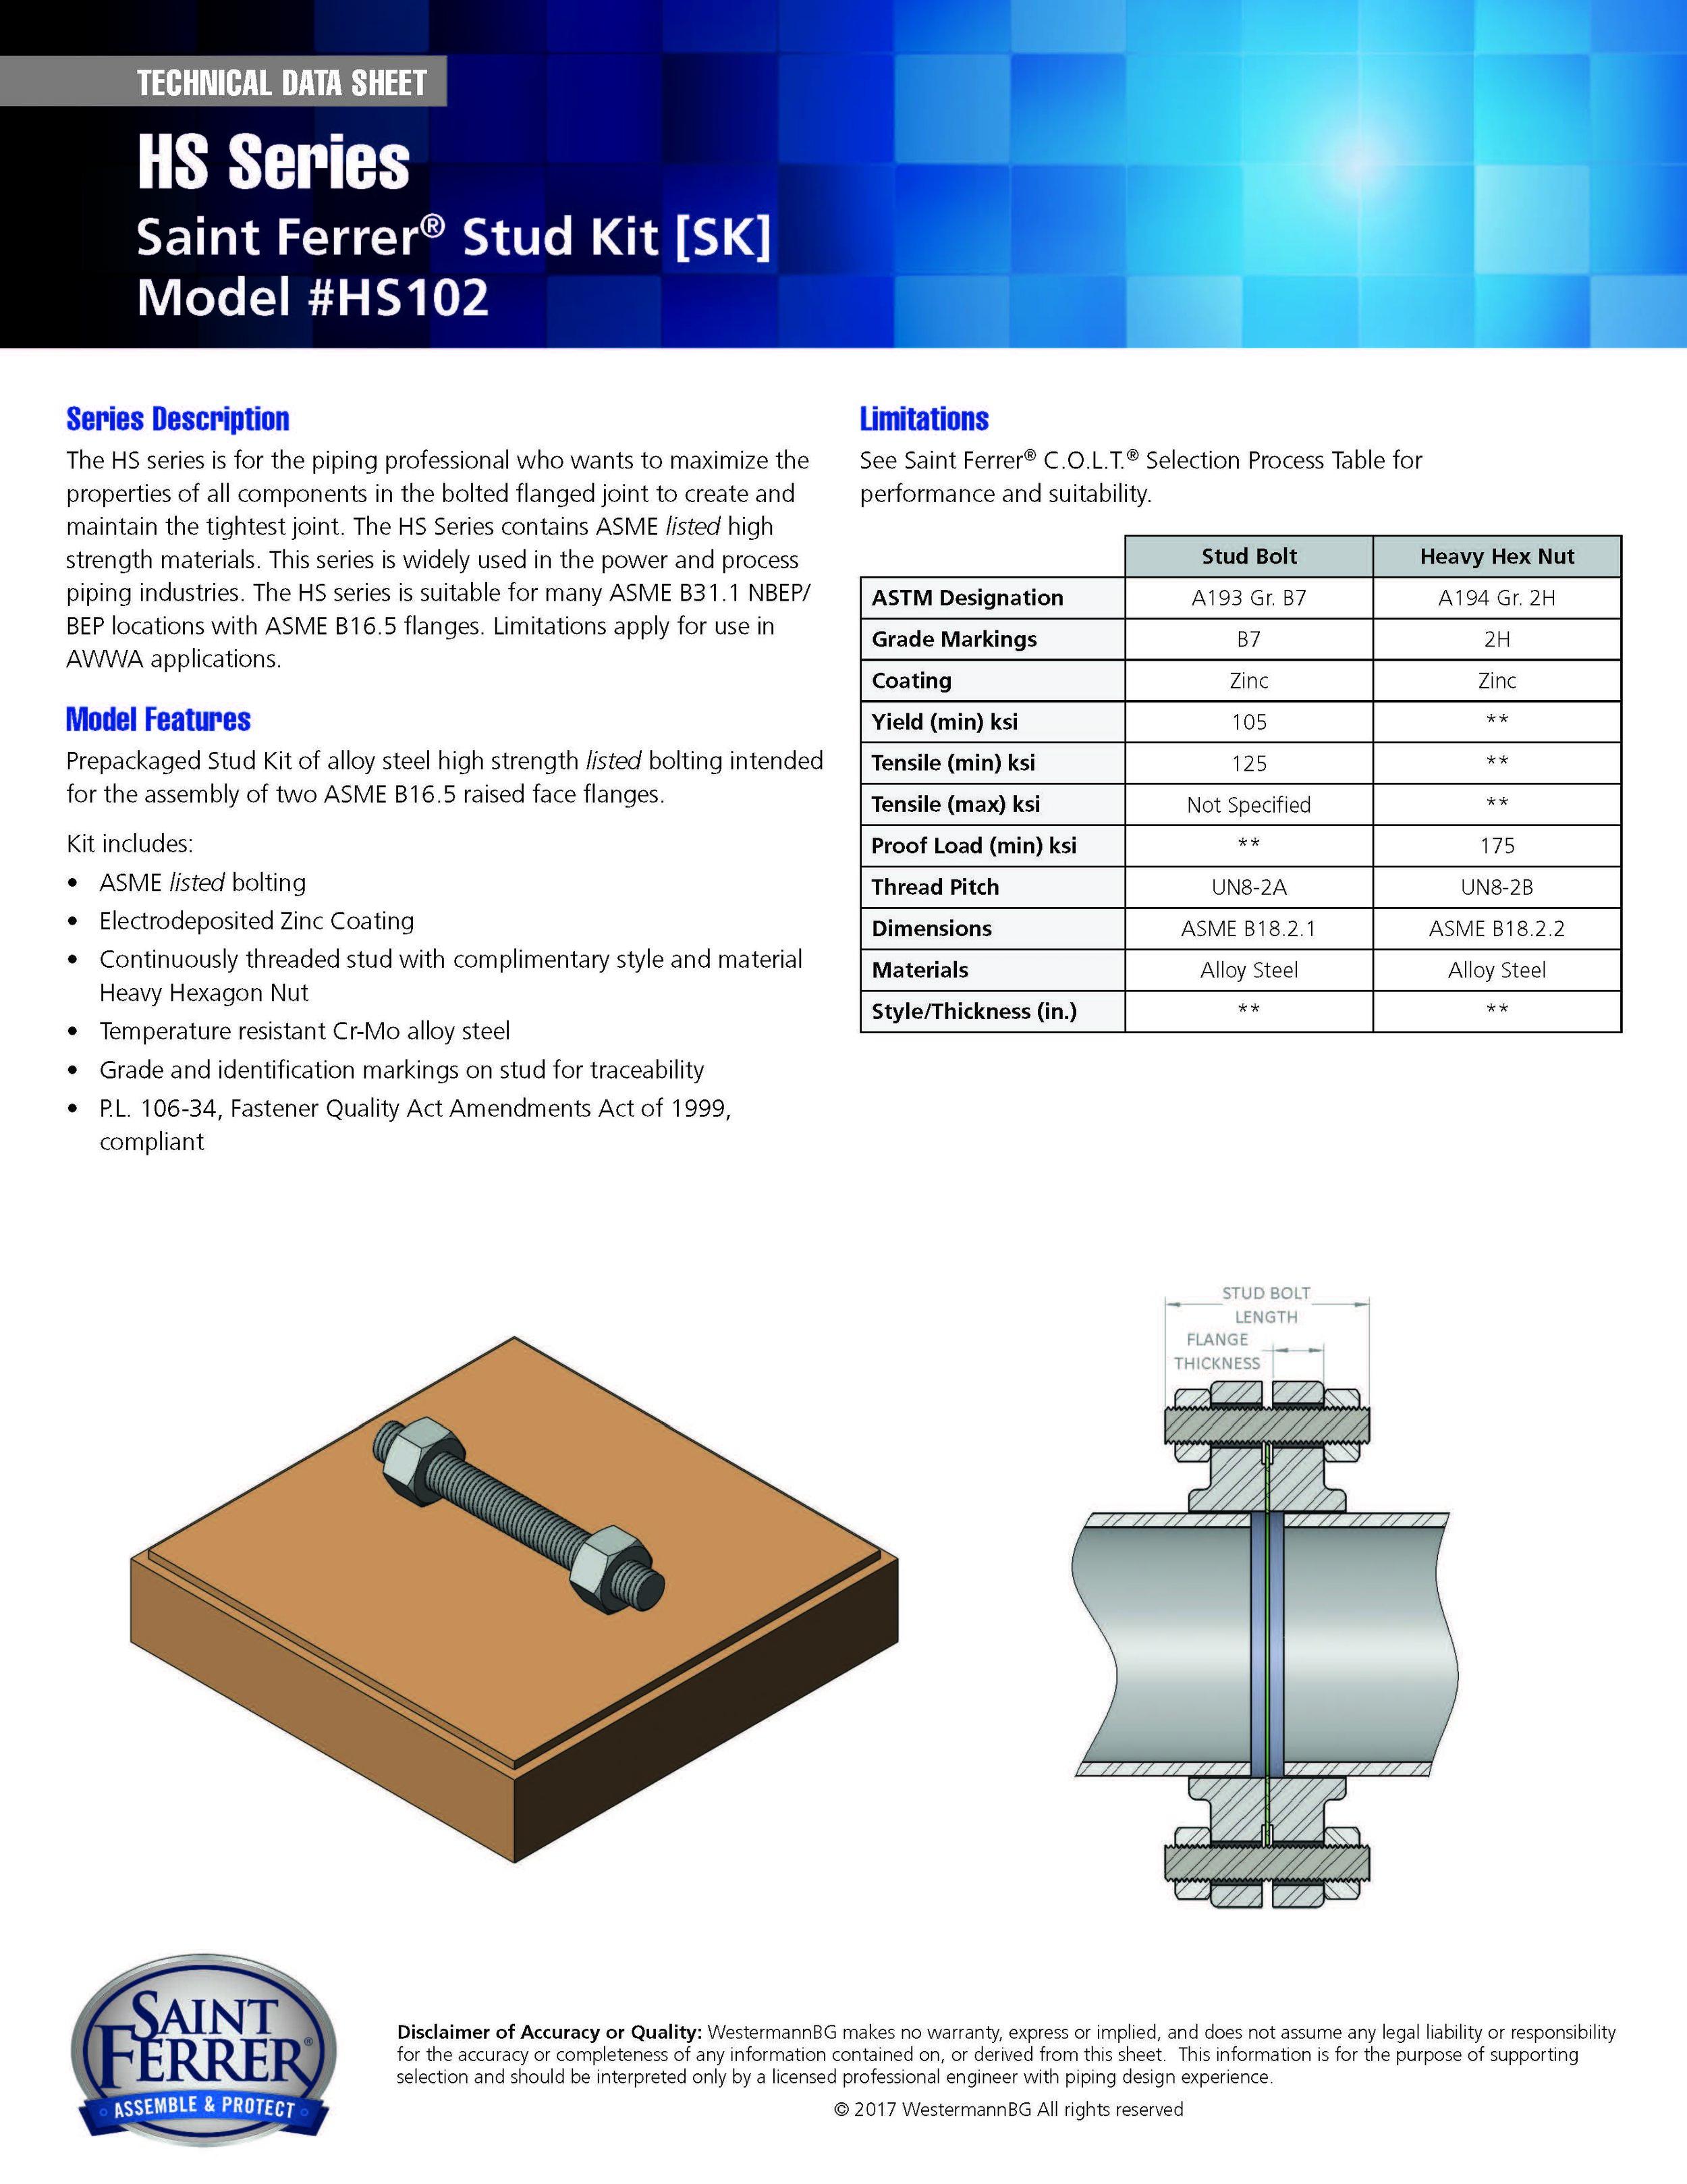 SF_Data_Sheet_HS_Series_HS102.jpg